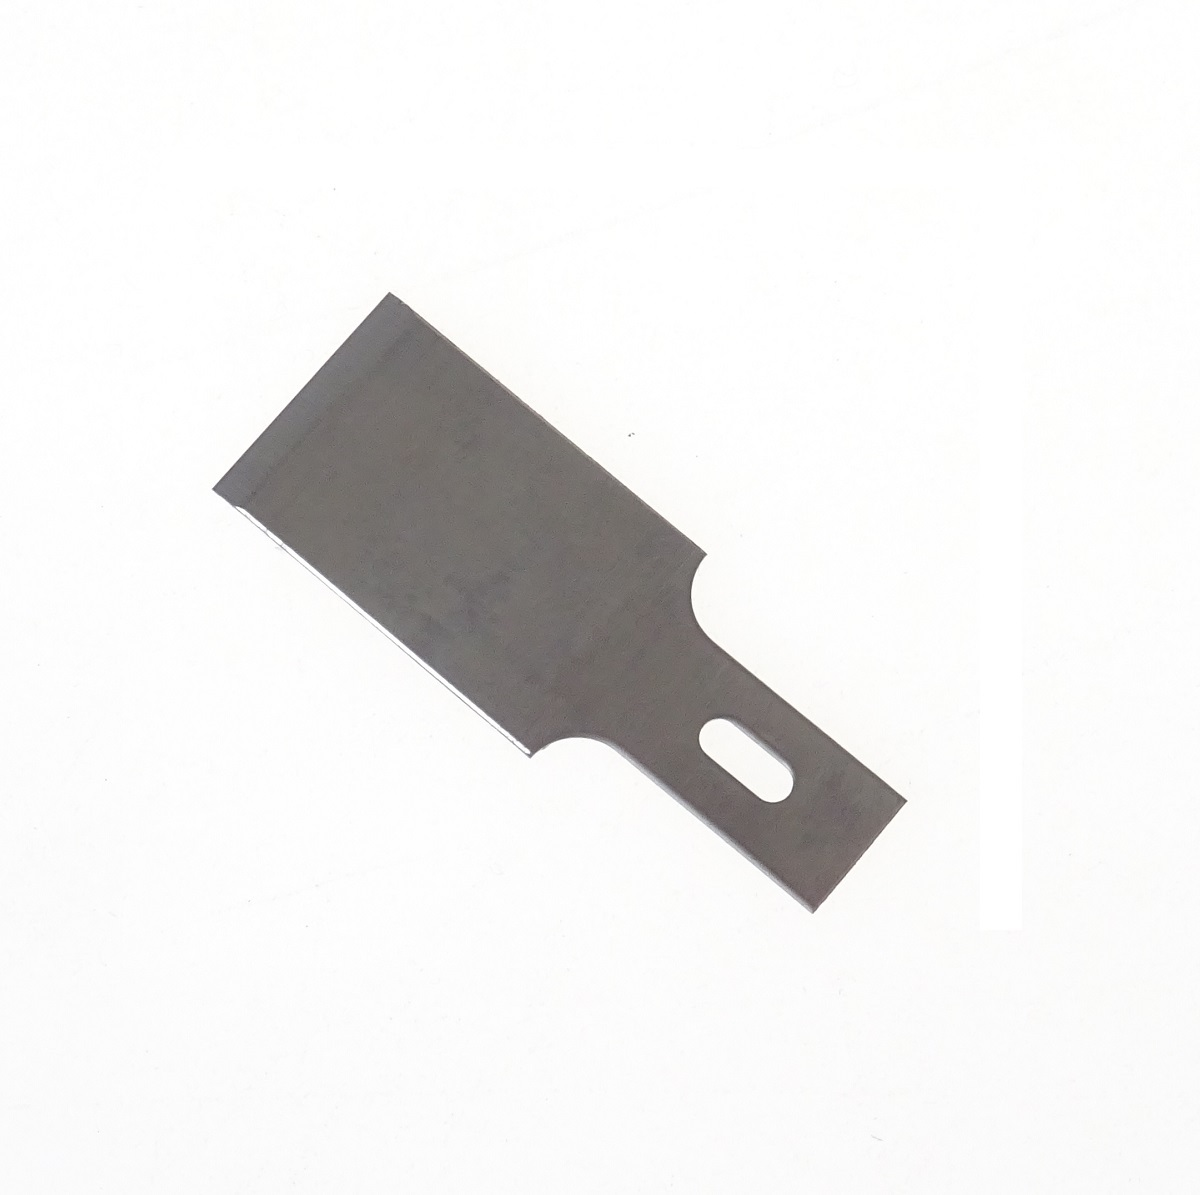 Náhradní čepel - škrabka 16 mm, rovná - JONNESWAY MKS27-16